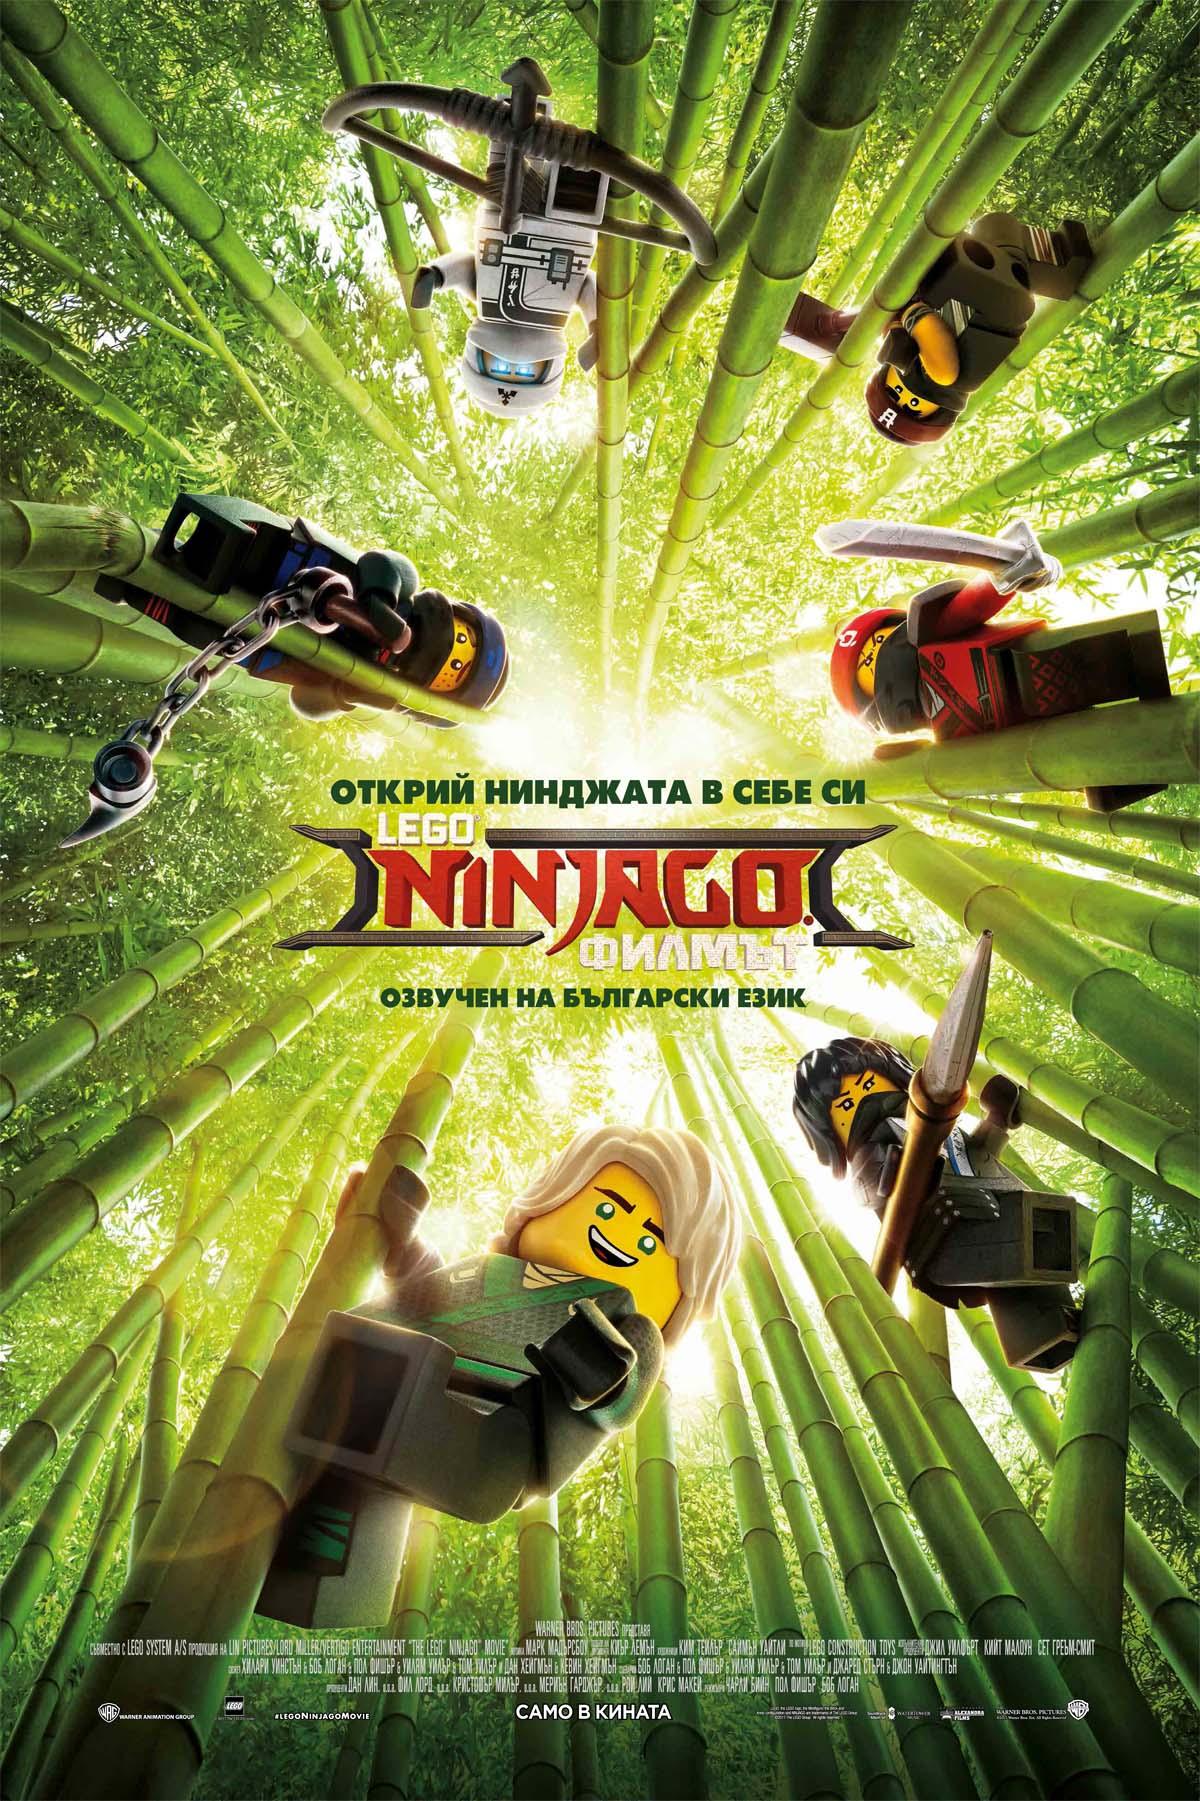 Lego® Ninjago: Филмът